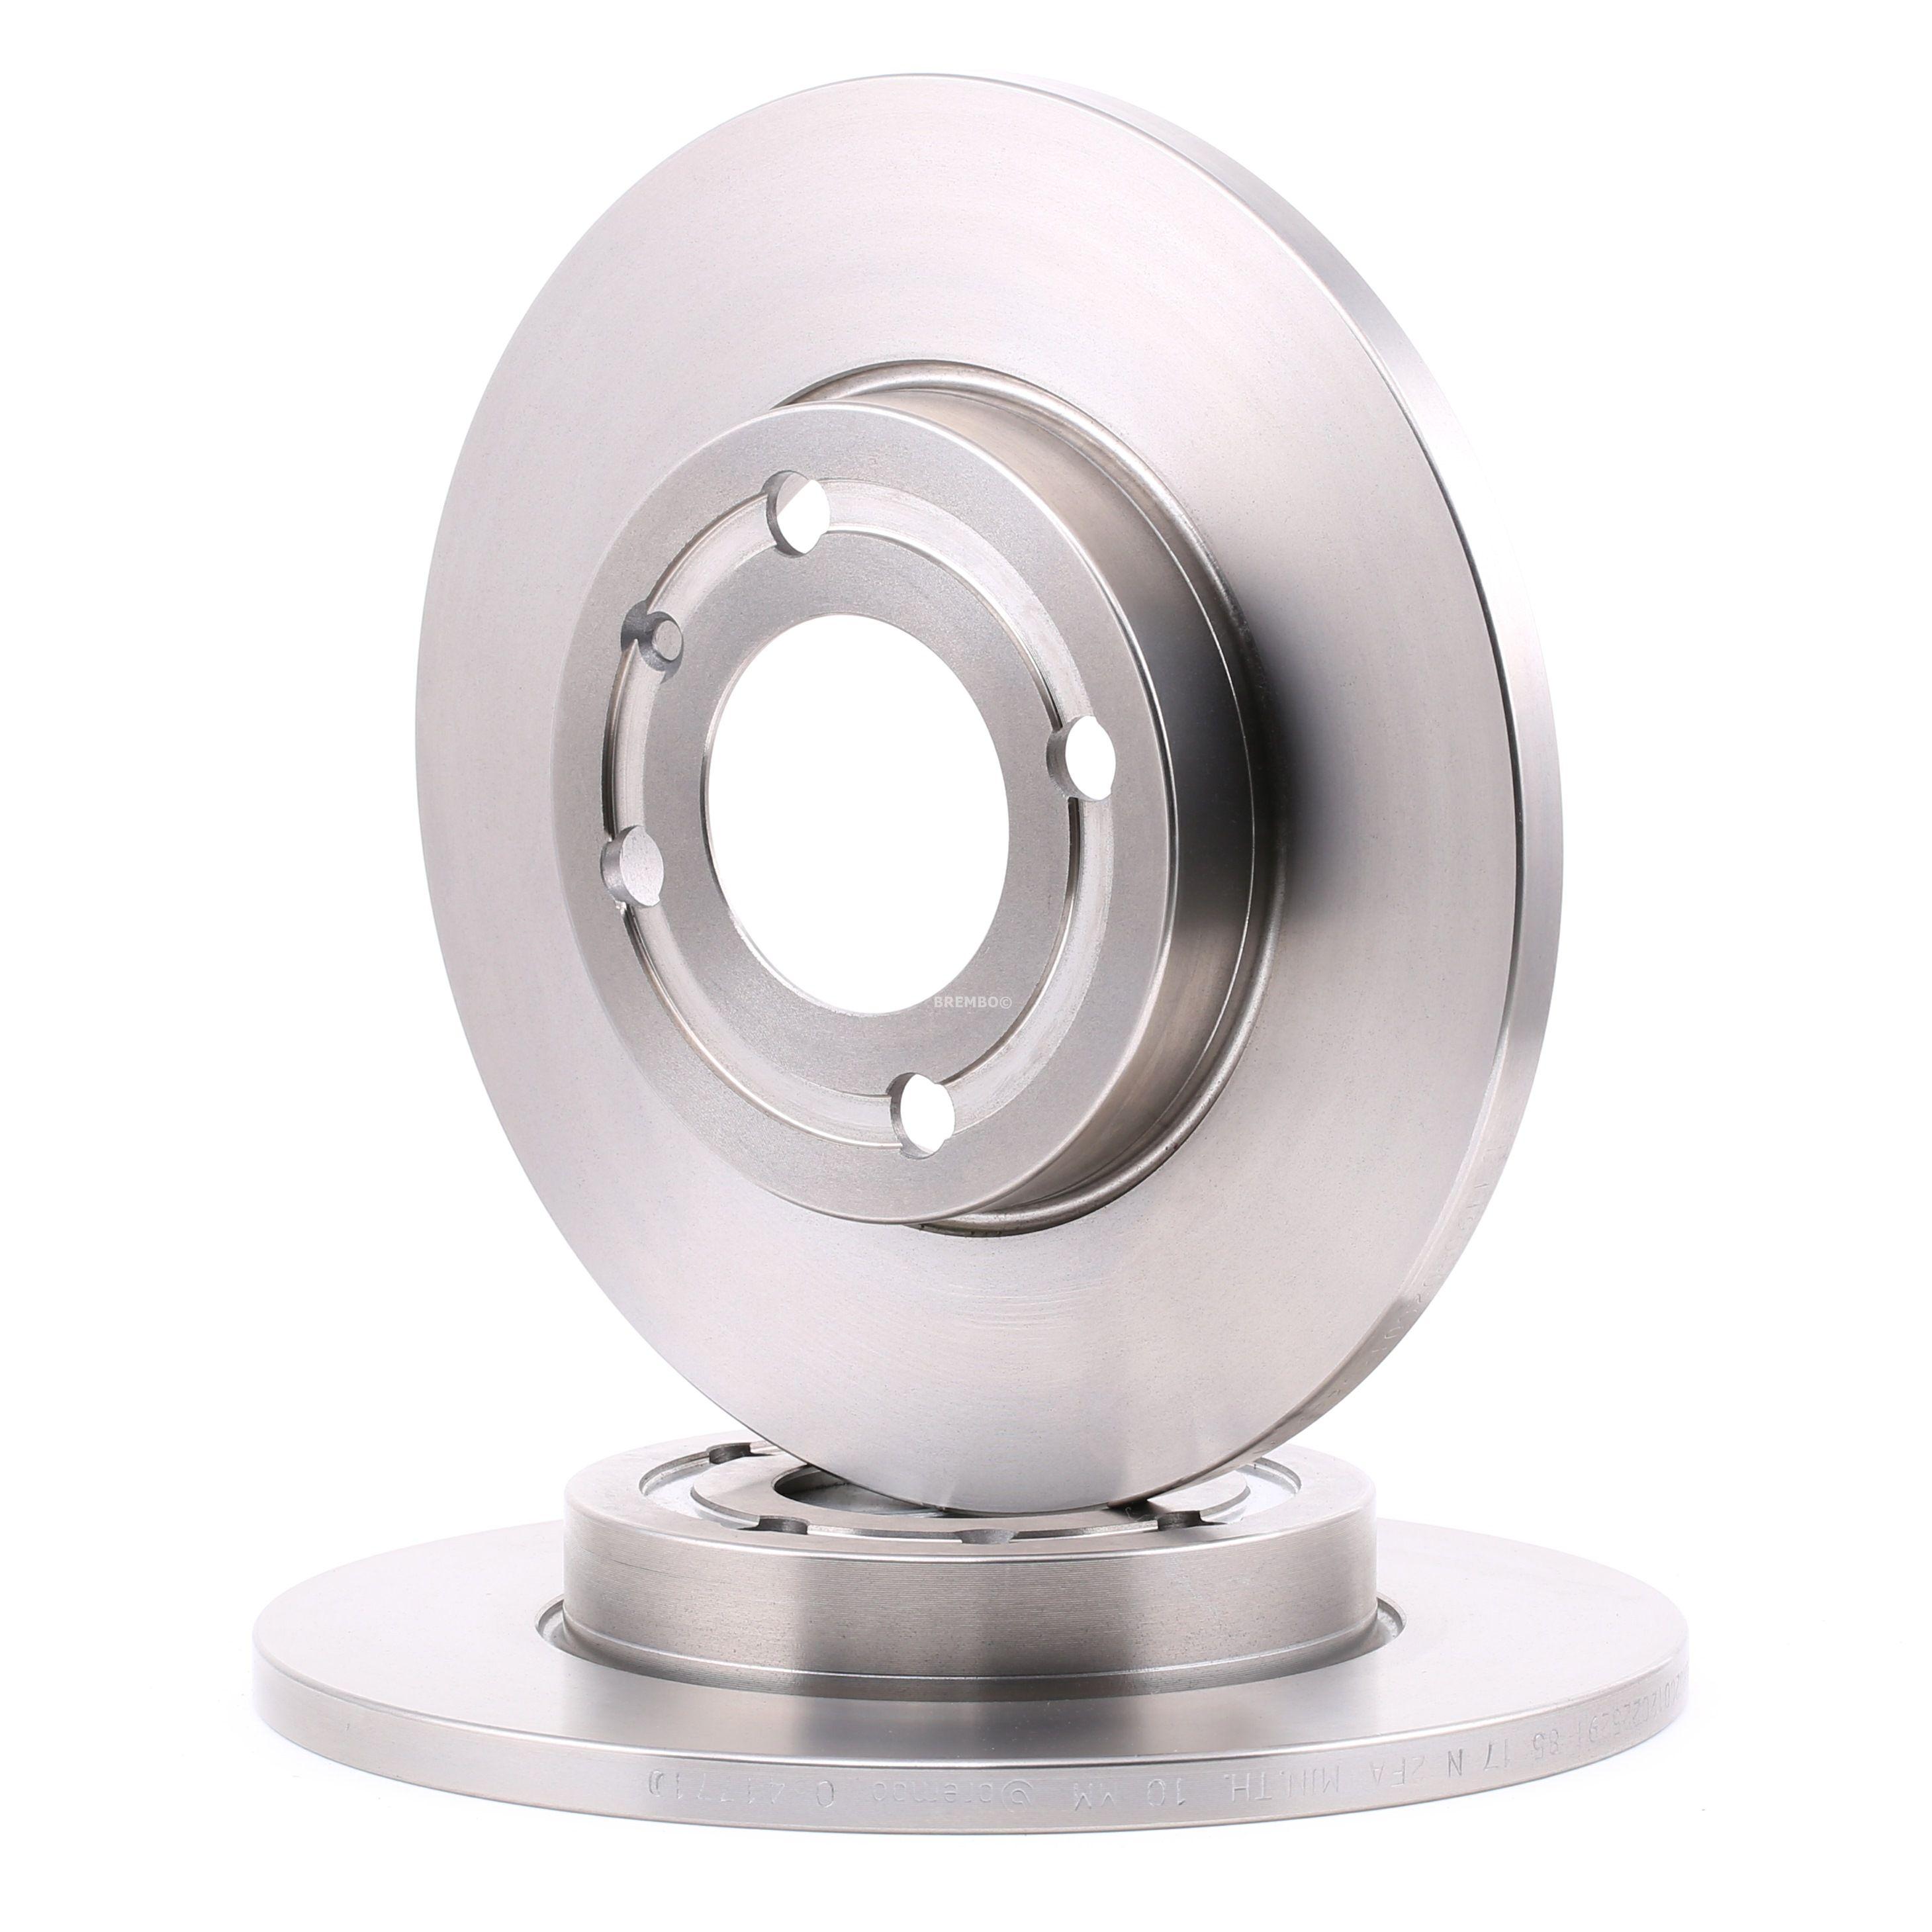 Achetez Disque de frein BREMBO 08.4177.10 (Ø: 239mm, Nbre de trous: 4, Épaisseur du disque de frein: 12mm) à un rapport qualité-prix exceptionnel